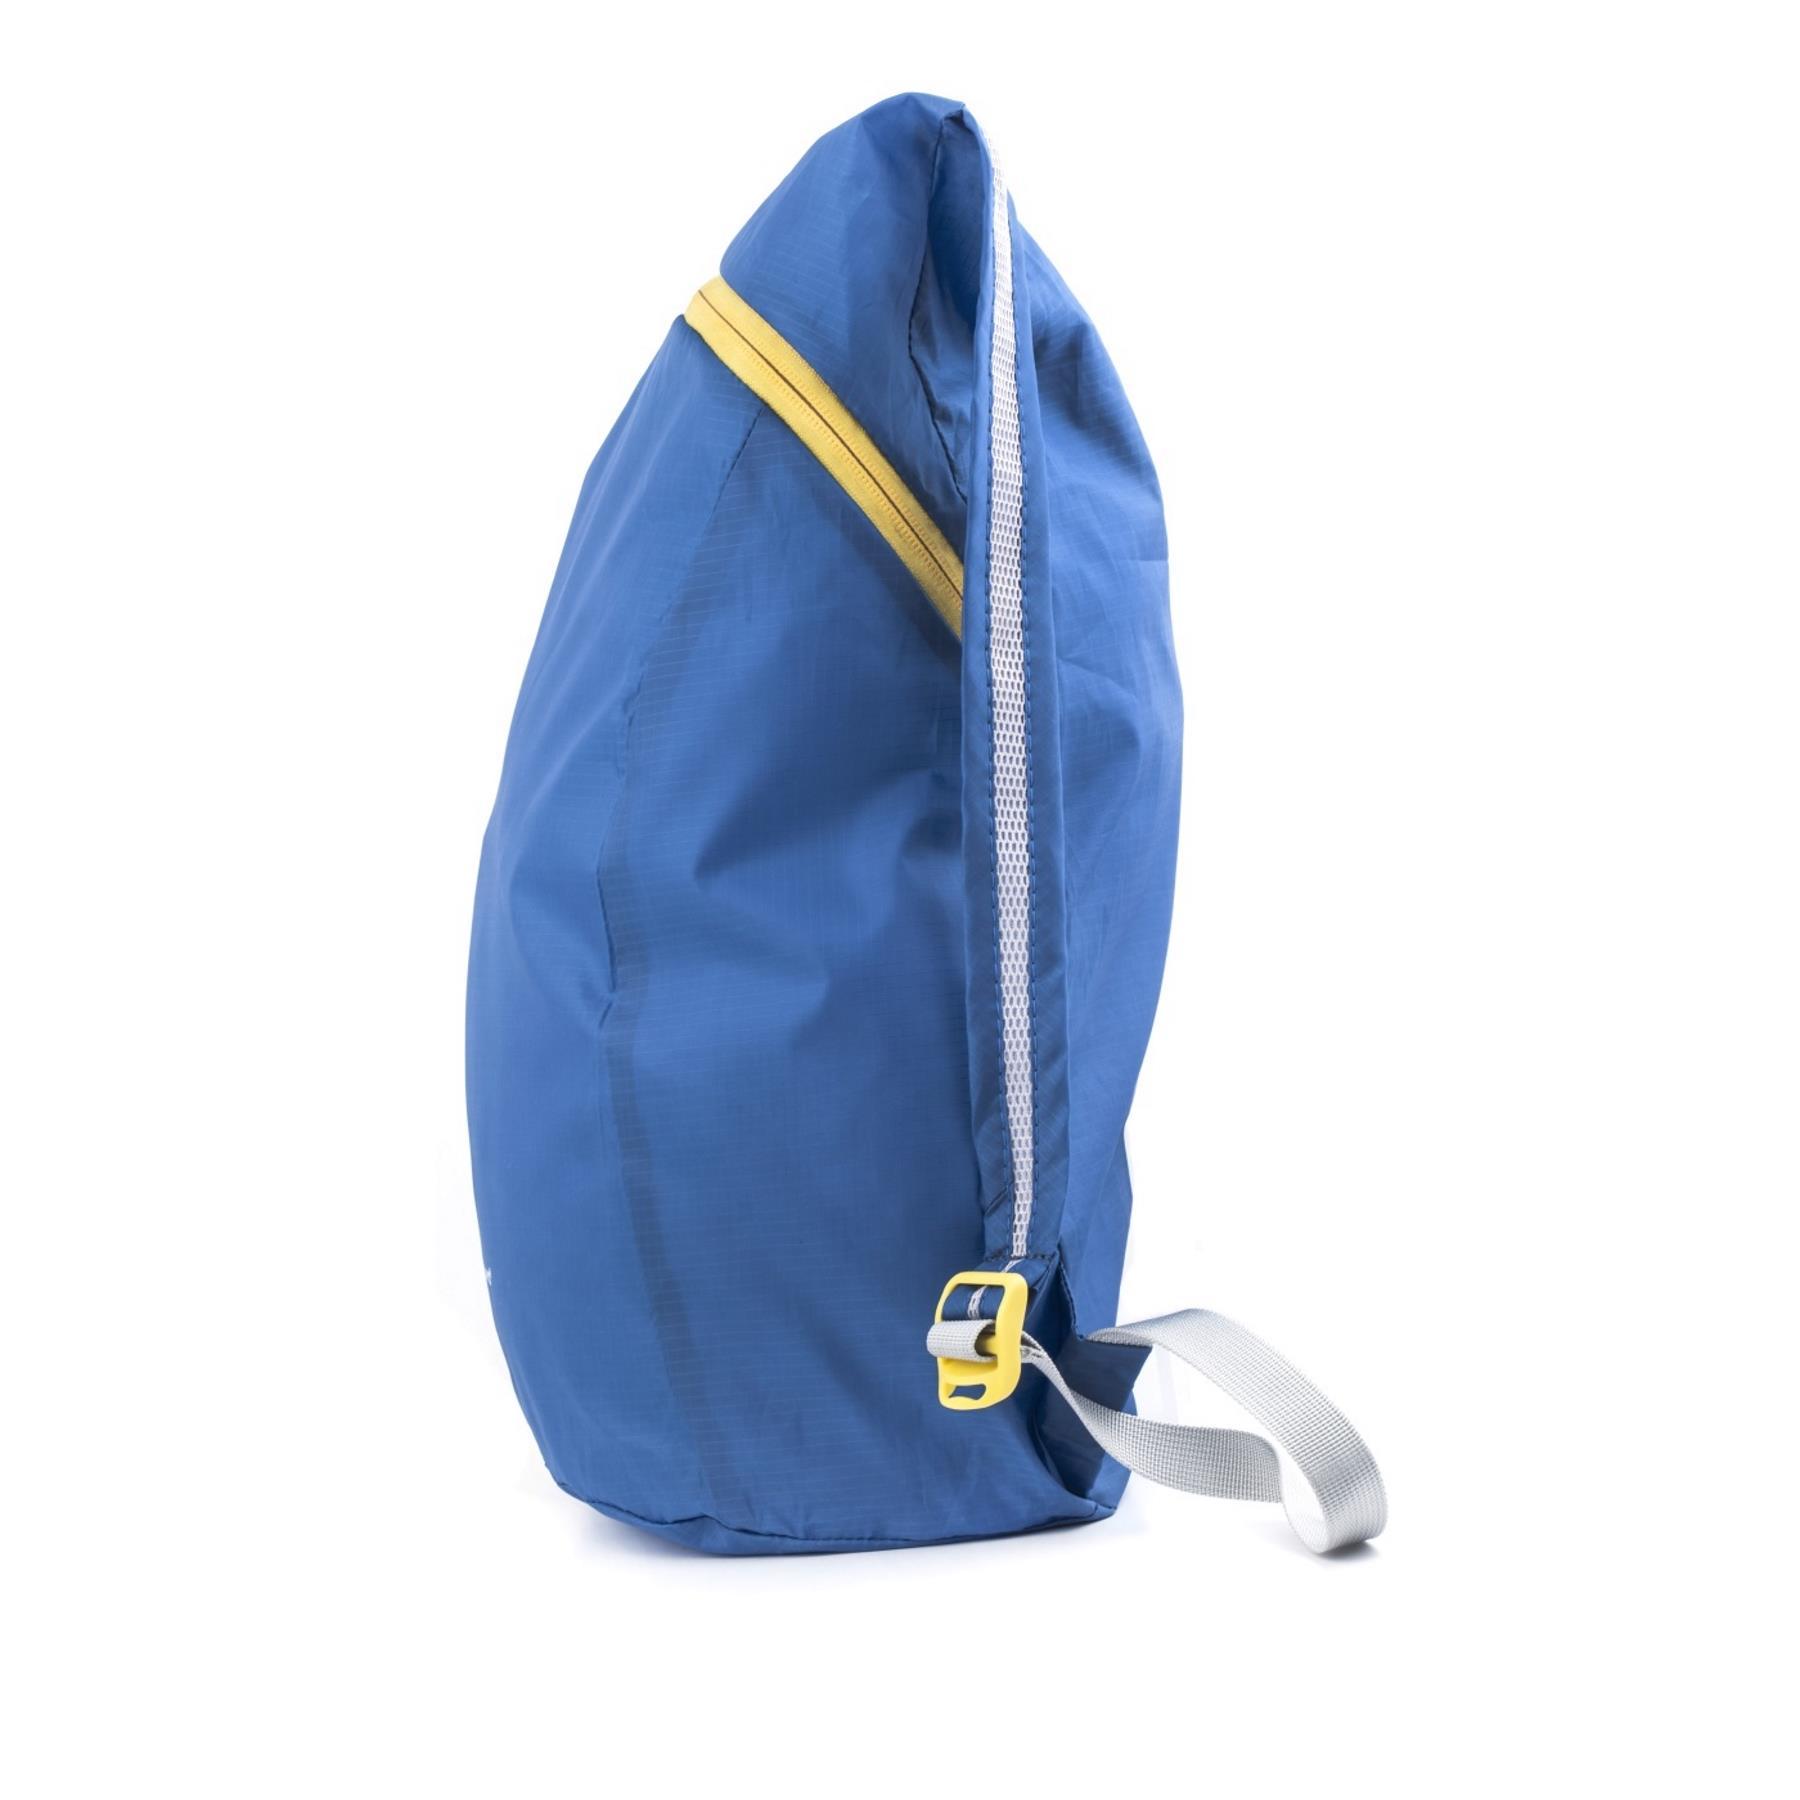 Kikkerland Foldable Backpack Lightweight Compact Reusable Backpacks Rucksack 18L